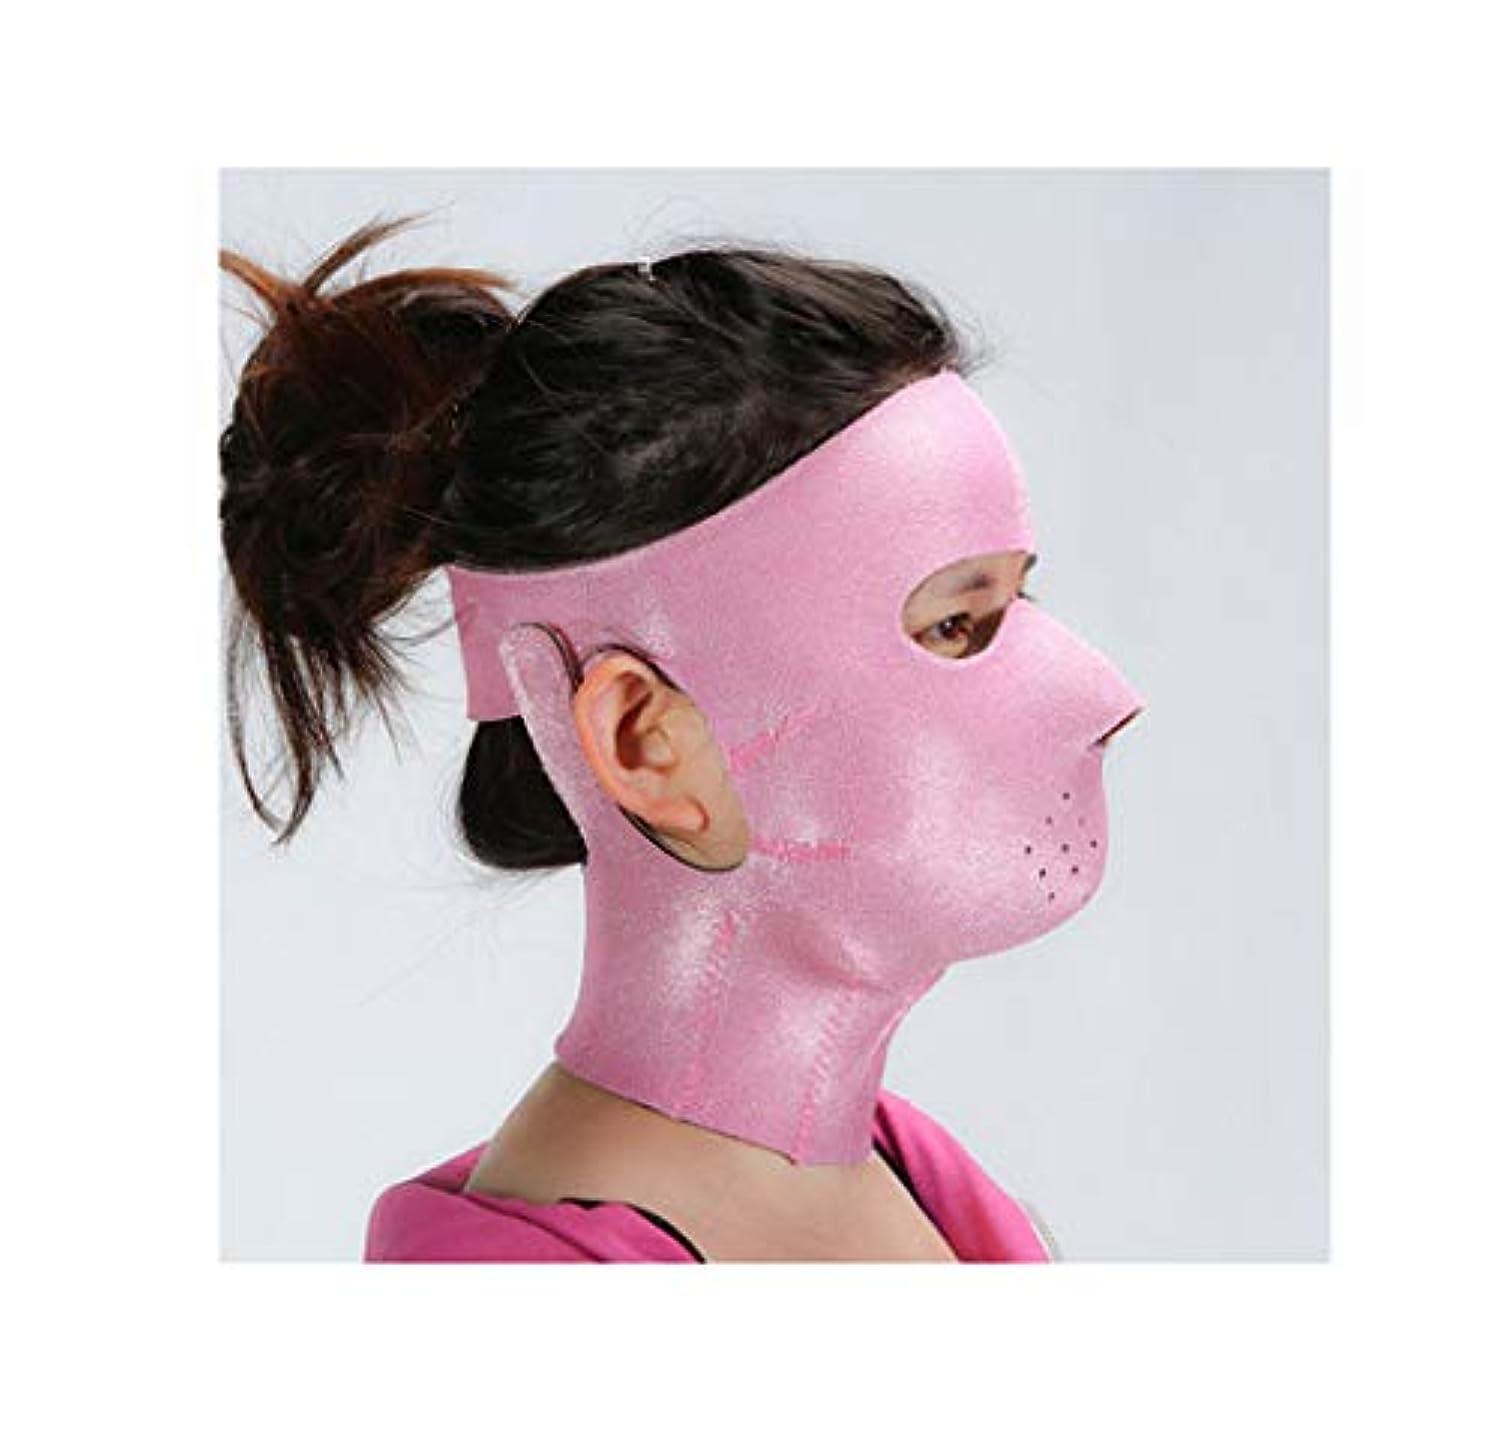 みなすメナジェリー愛人フェイスリフトマスク、フェイシャルマスクプラス薄いフェイスマスクタイトアンチたるみシンフェイスマスクフェイシャル薄いフェイスマスクアーティファクトビューティーネックストラップ付き